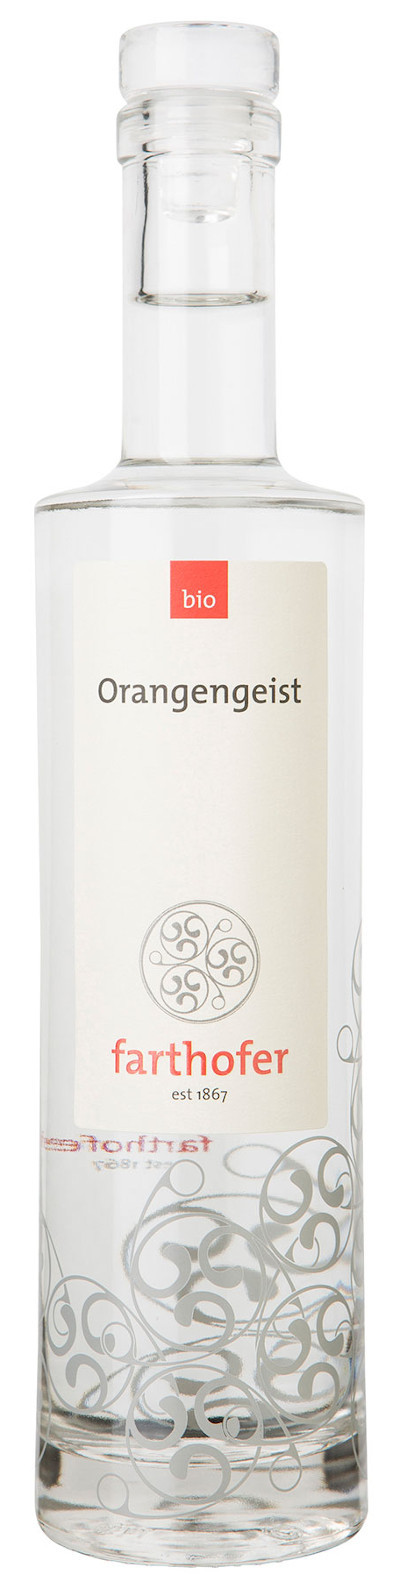 Farthofer - Orangengeist bio